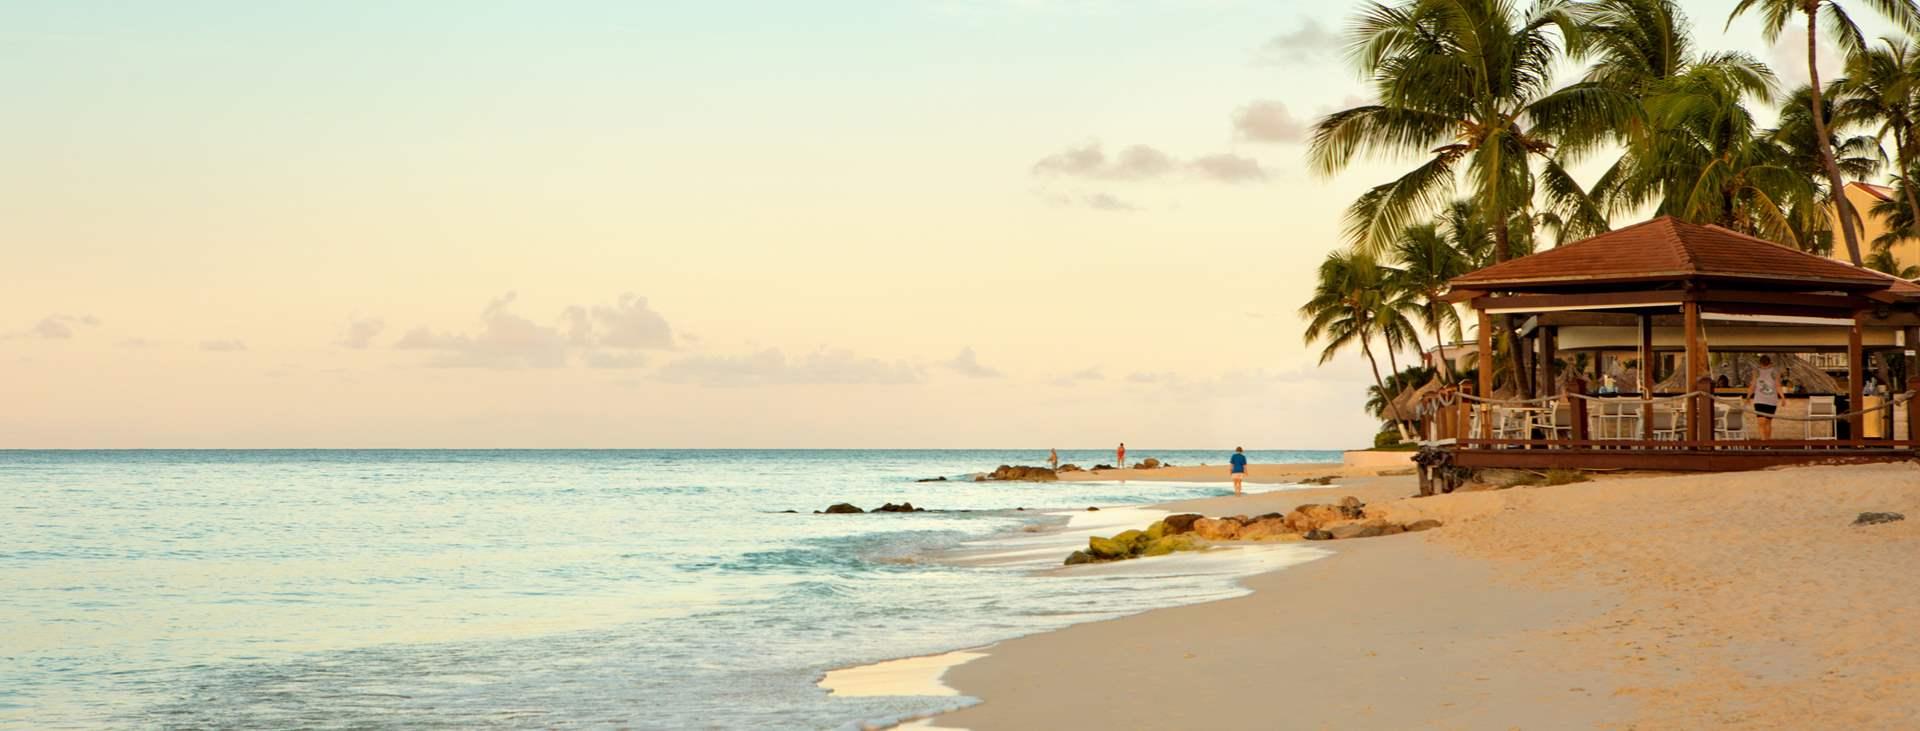 Boka en resa med All Inclusive till Aruba